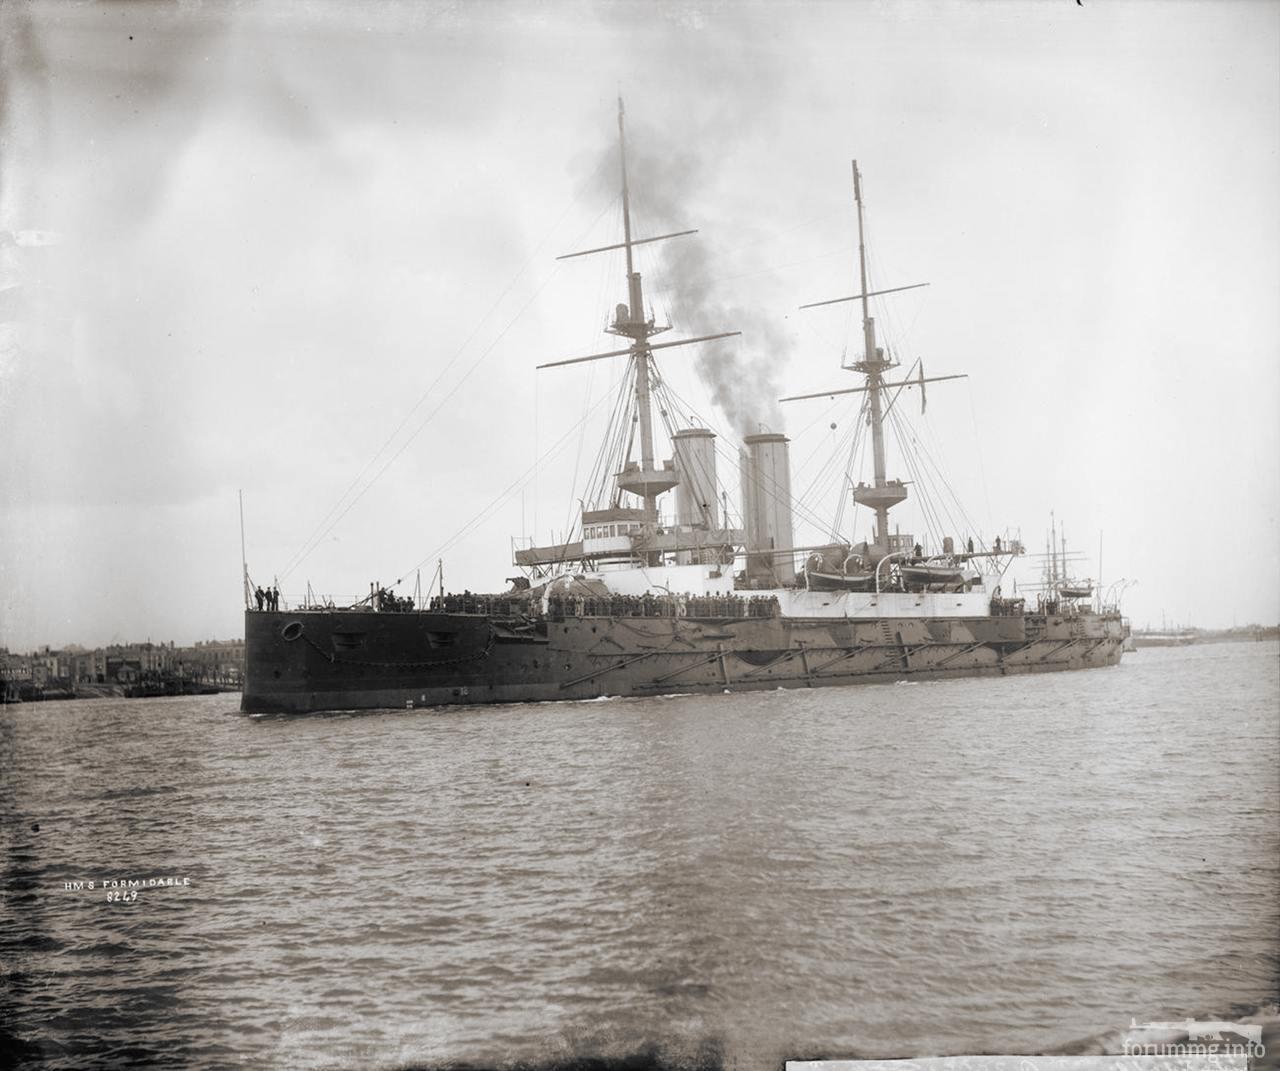 127156 - Броненосец HMS Formidable в викторианской расцветке.